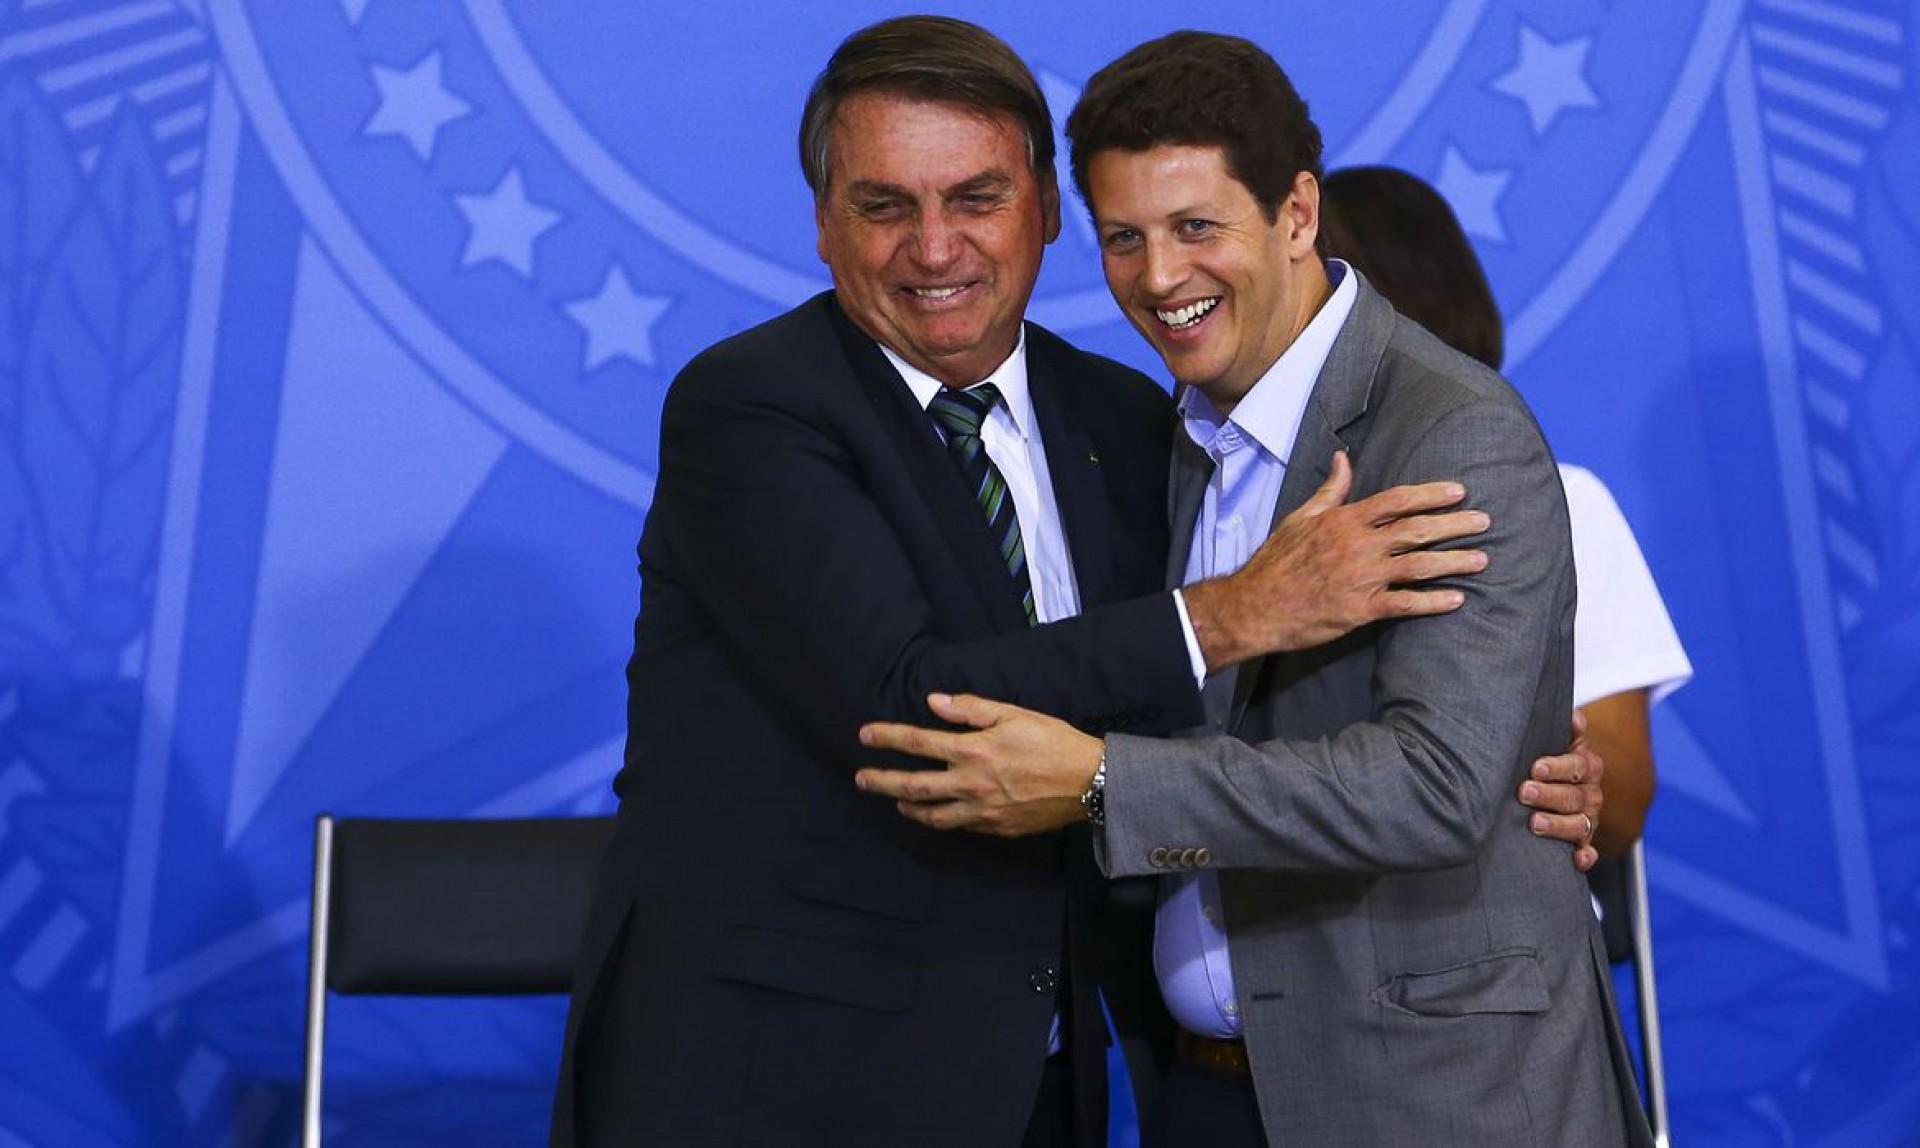 O presidente Jair Bolsonaro e o ex-ministro do Meio Ambiente, Ricardo Salles, durante o lançamento do programa Adote um Parque, no Palácio do Planalto(Foto: Marcelo Camargo/Agência Brasil)